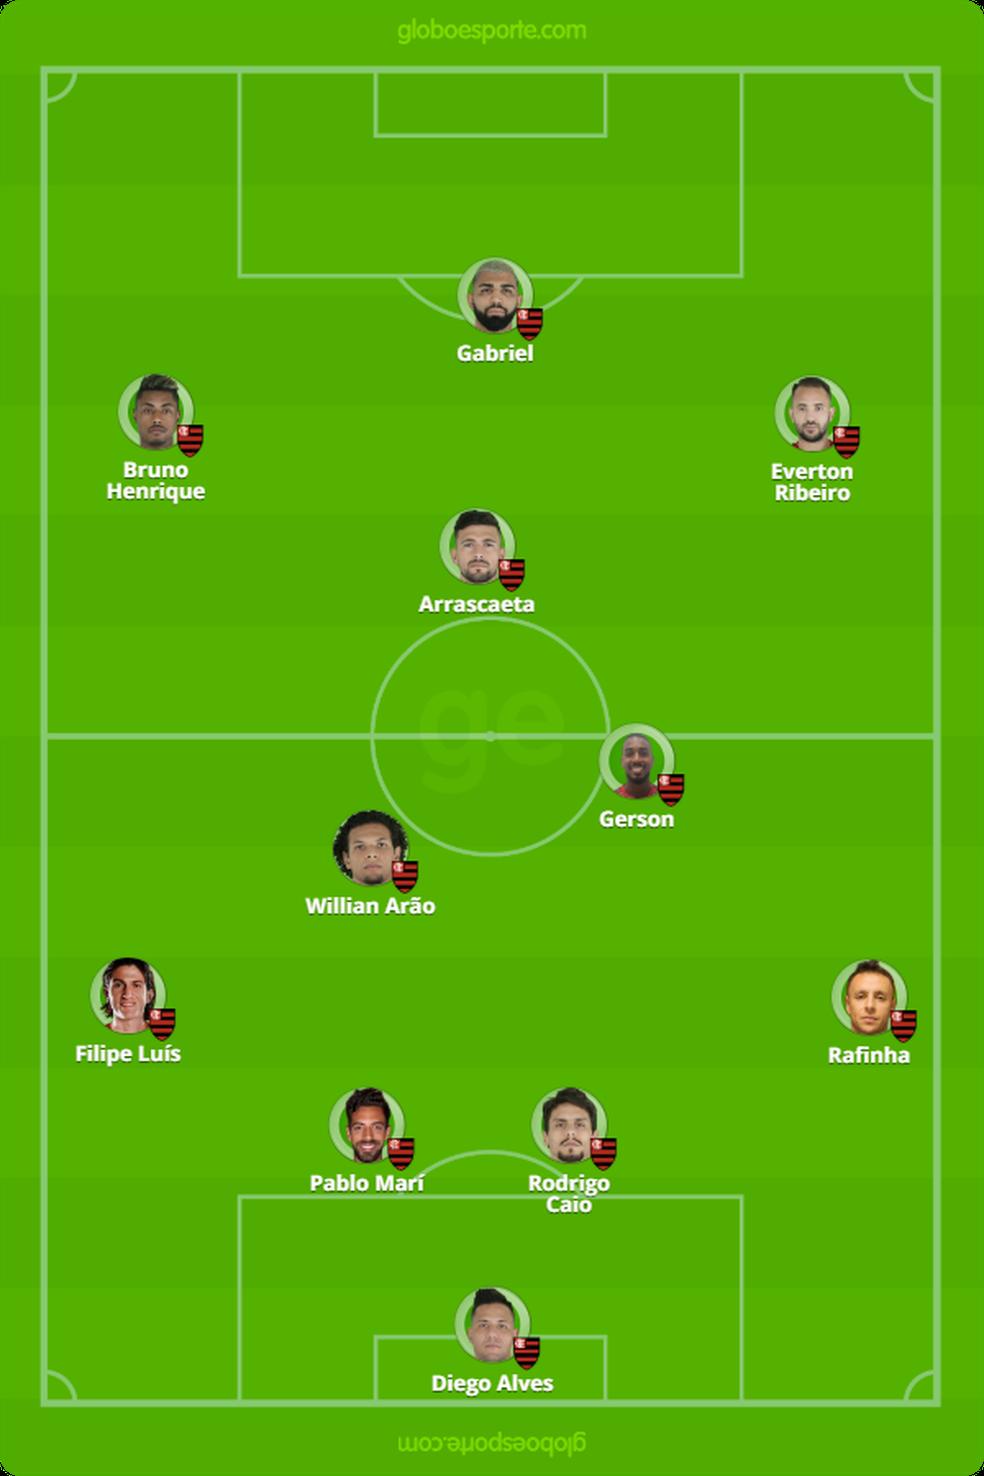 Provável escalação do Flamengo contra o Liverpool — Foto: Infografia